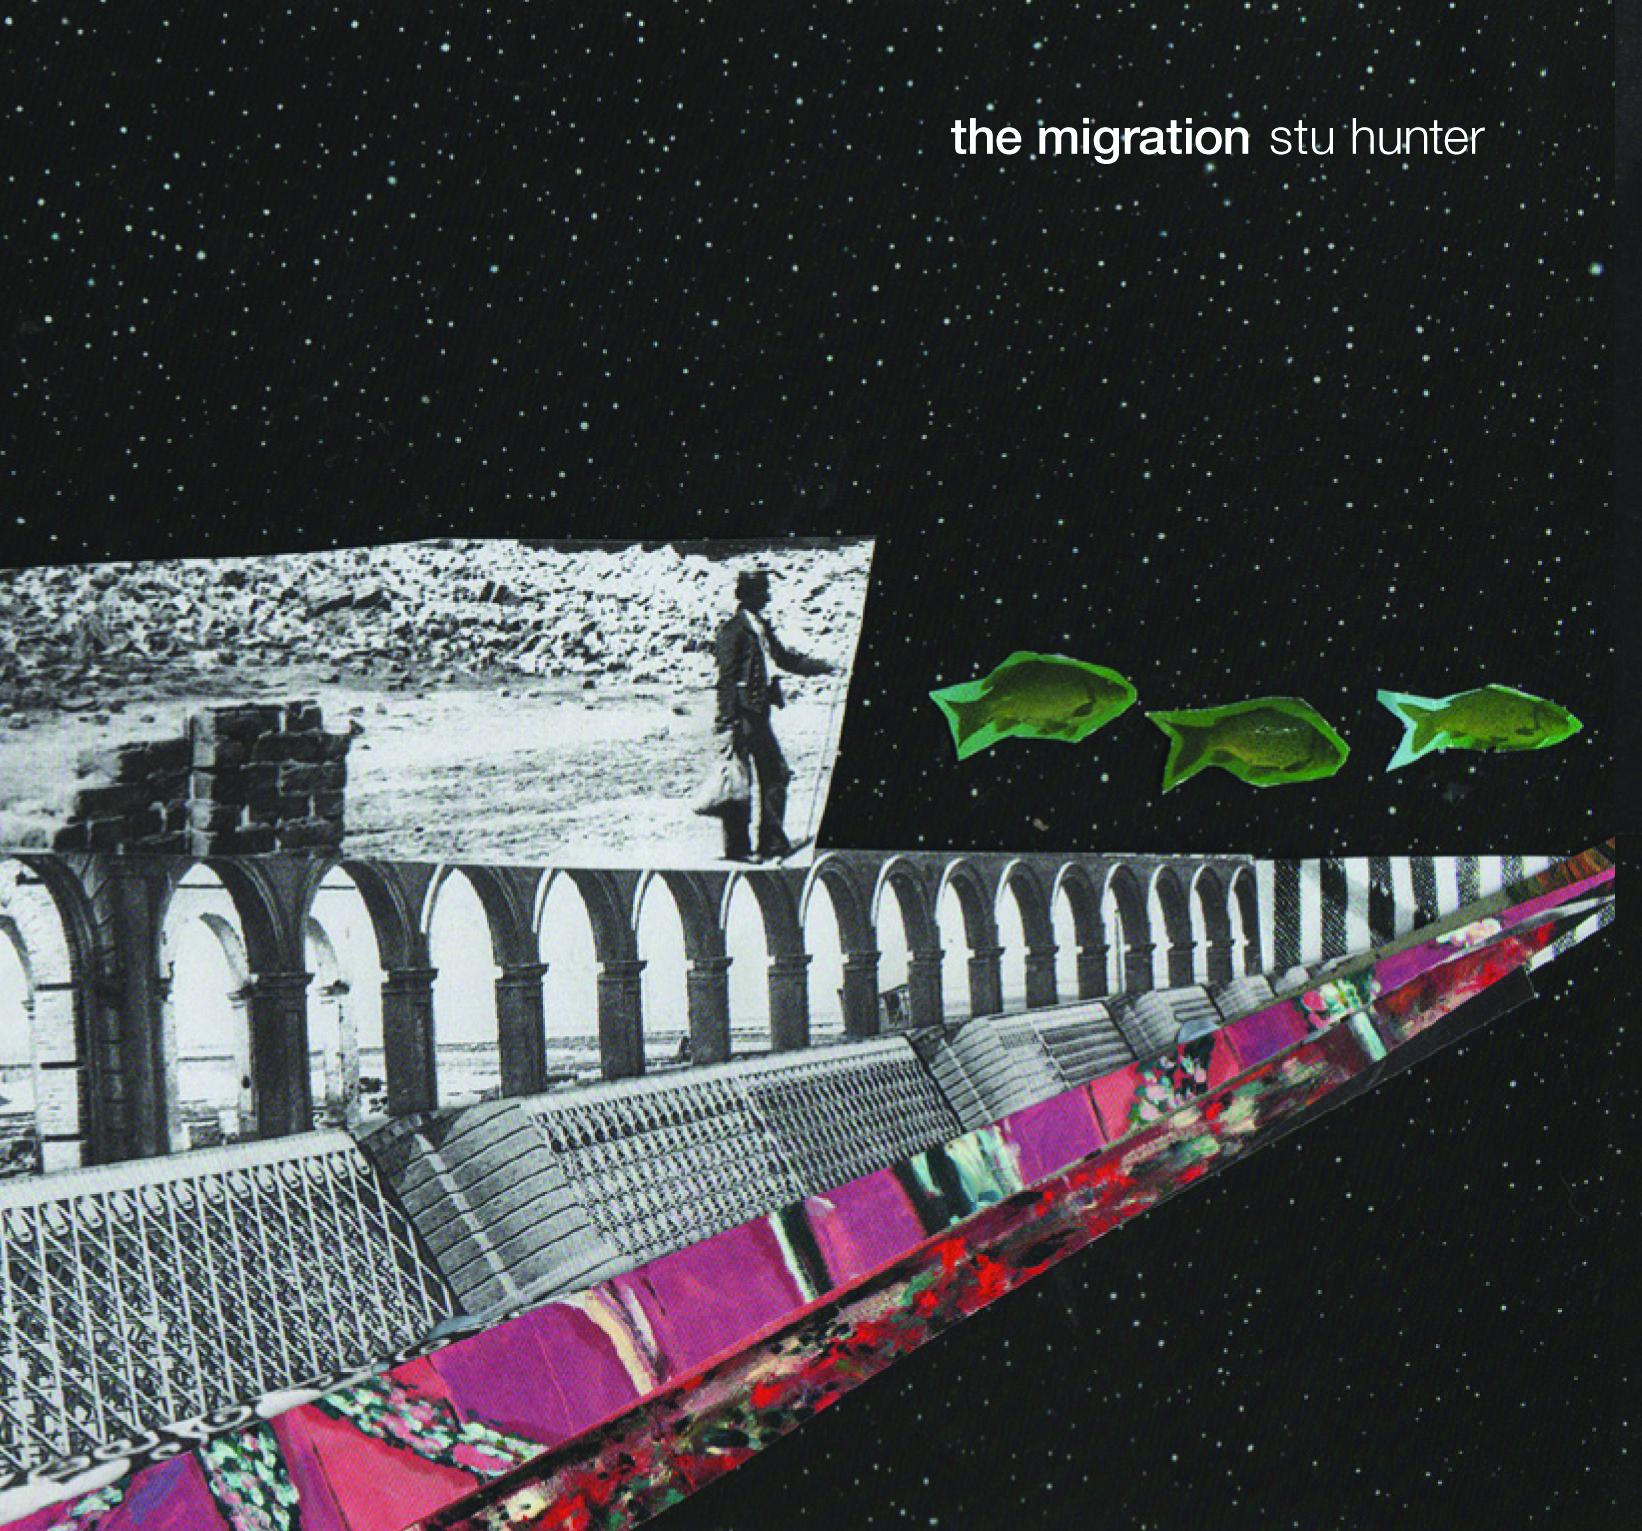 STU HUNTER the migration cover highres.jpg